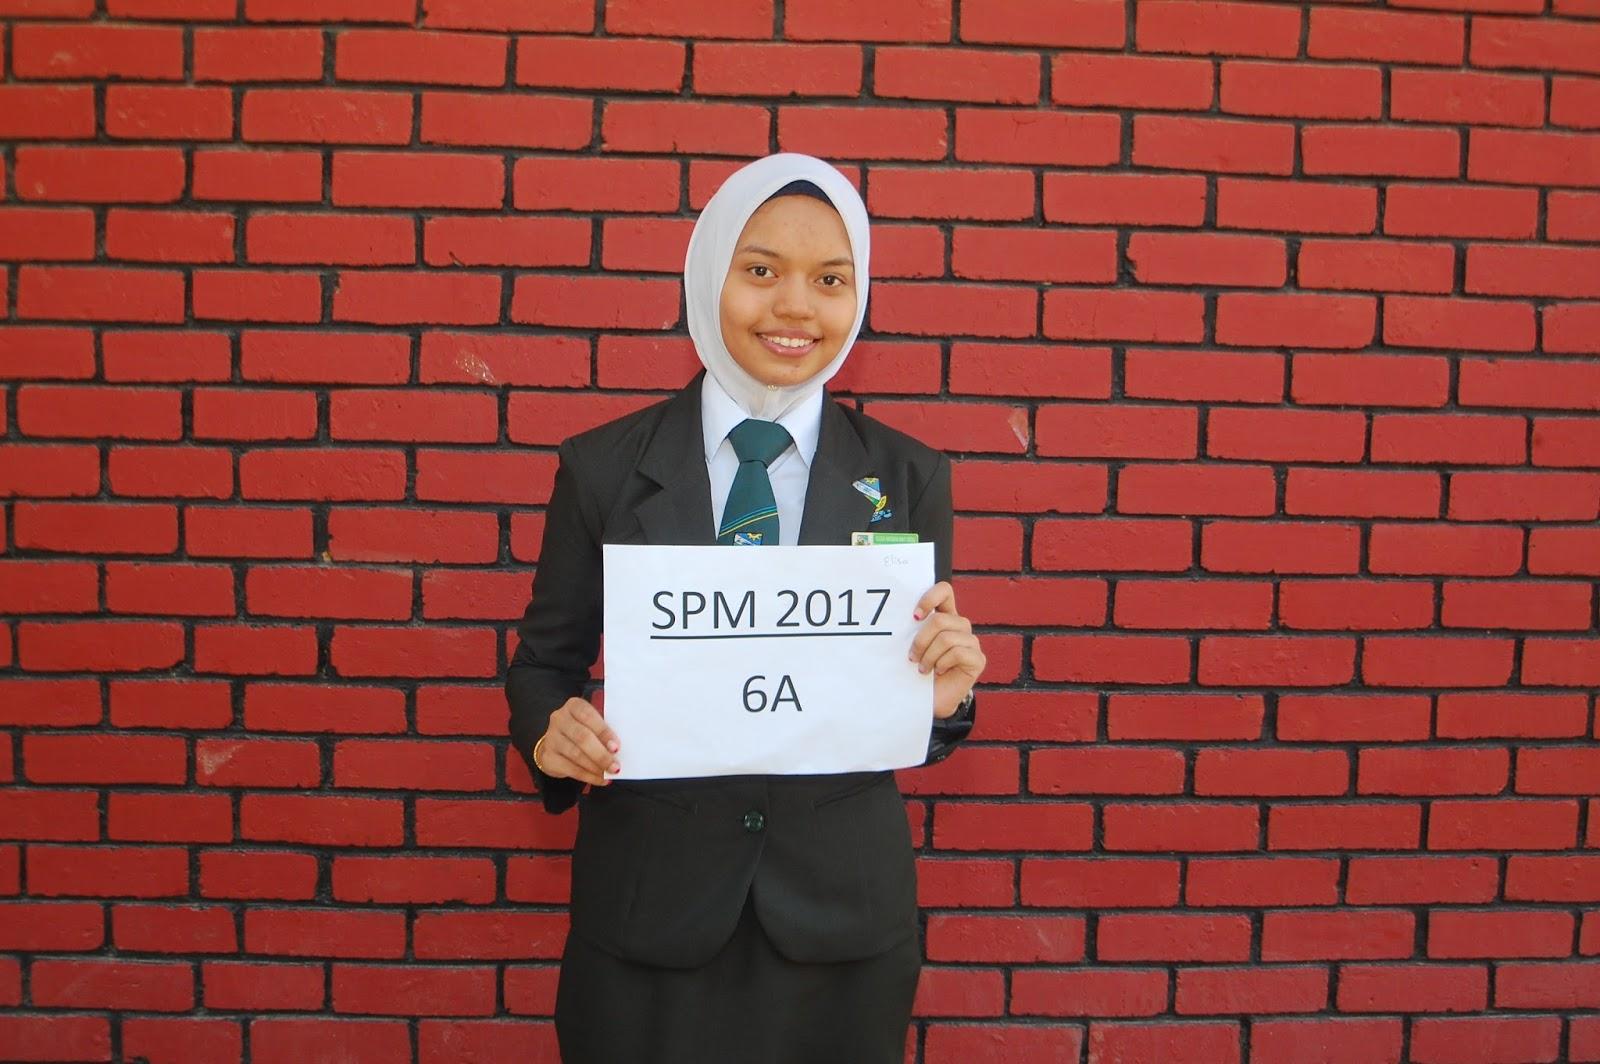 sijil pelajaran malaysia Melalui penyetaraan tersebut, pelajar lulusan sijil vokasional malaysia yang layak akan berpeluang melanjutkan pelajaran ke diploma vokasional malaysia di kolej vokasional serta boleh memperoleh sijil kemahiran malaysia (skm) hingga ke tahap tertinggi iaitu pada tahap 4.